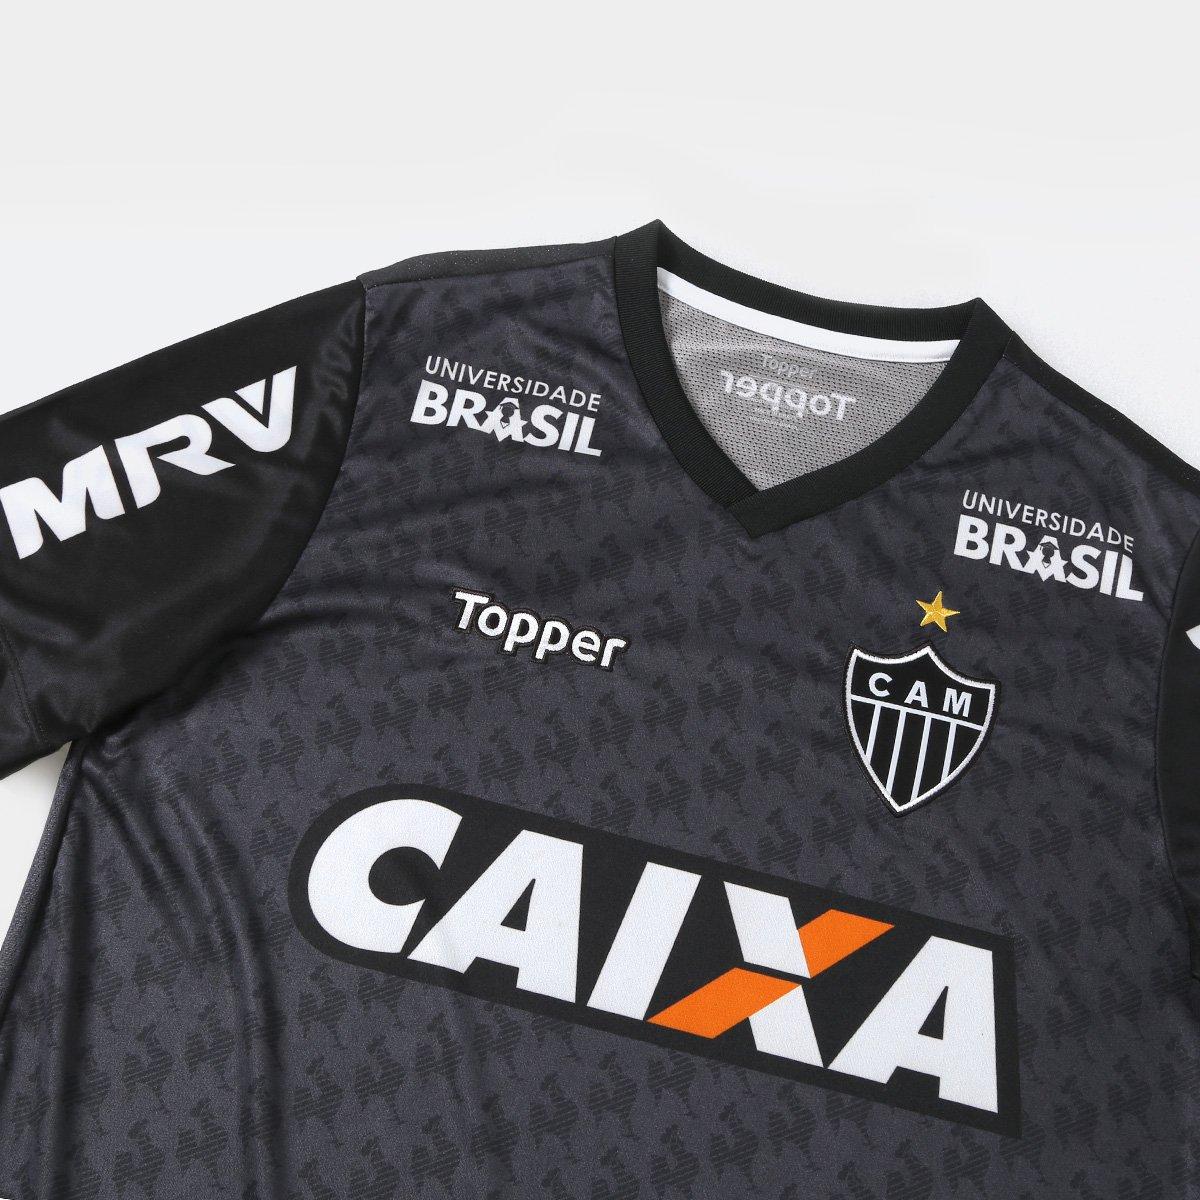 Camisa Atlético-MG Treino 2018 Topper Masculina - Compre Agora ... 3a220893abfc9